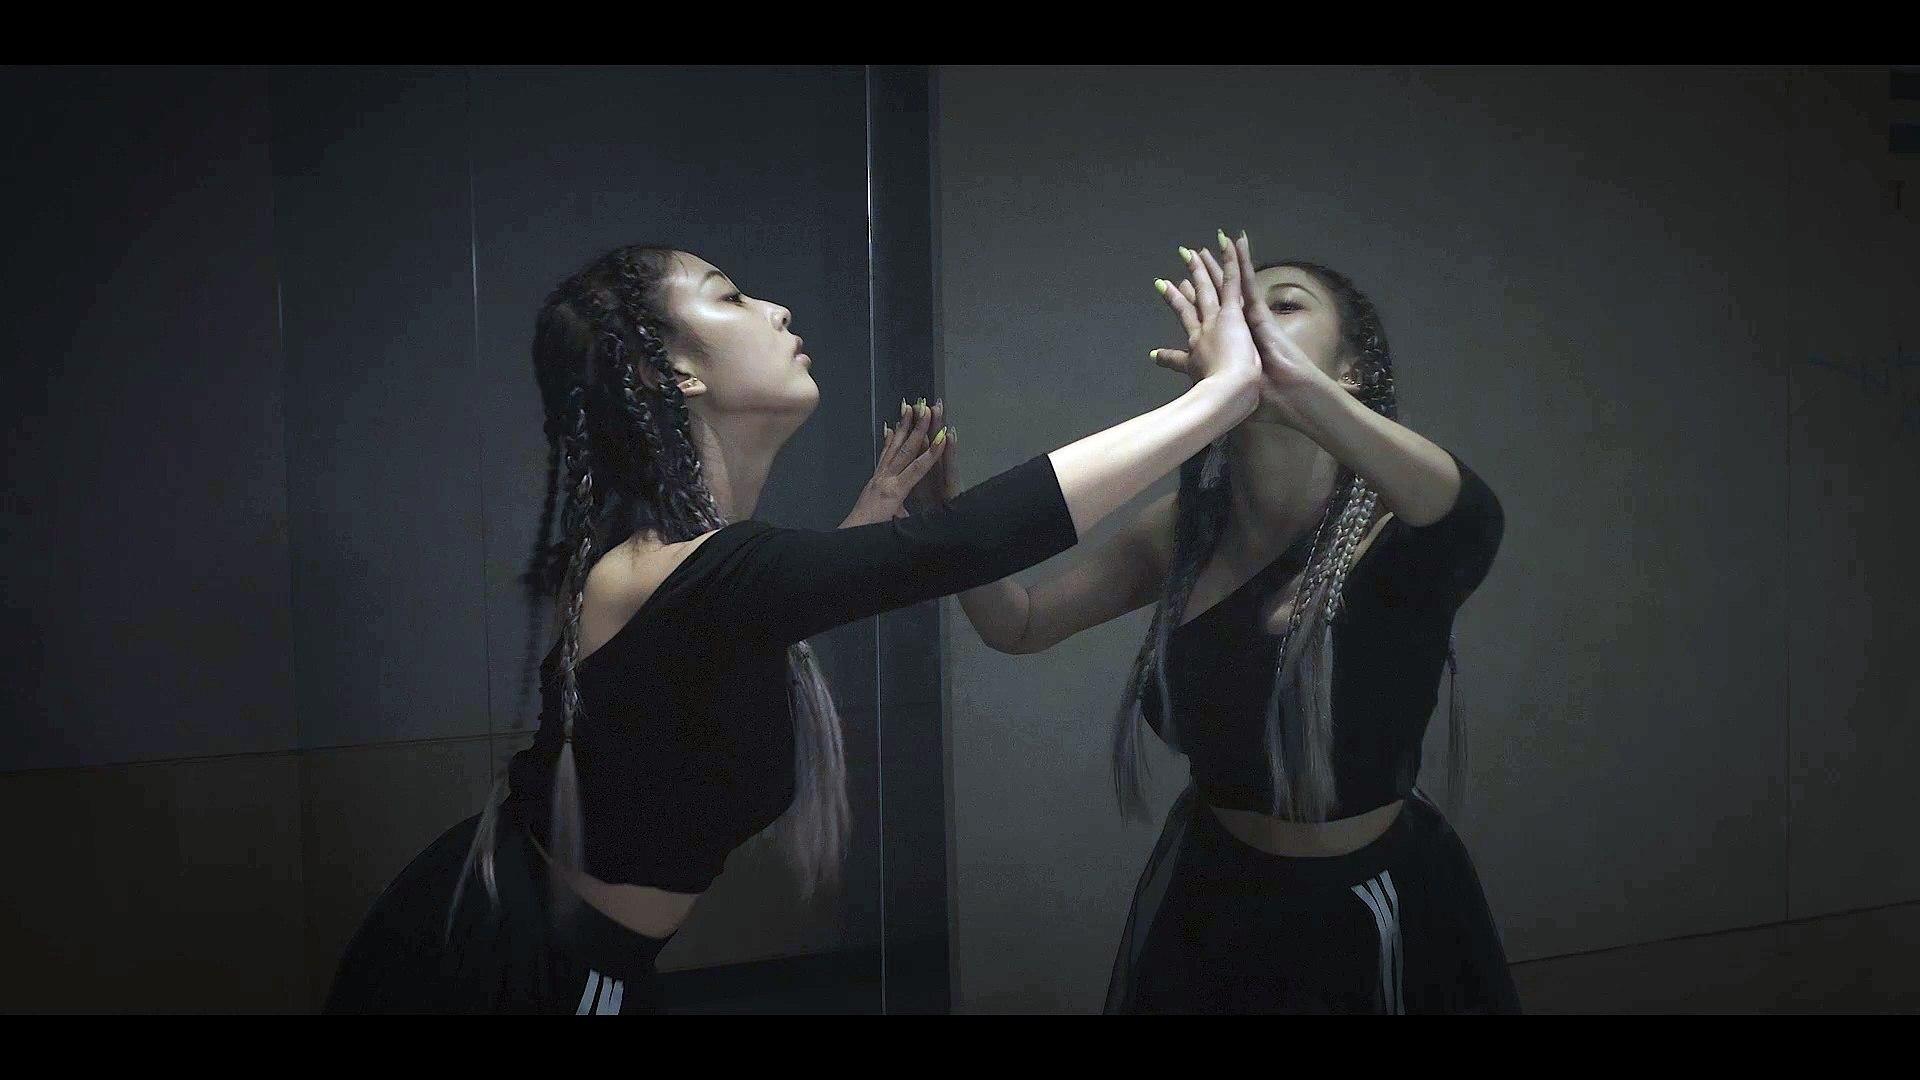 승연(SEUNGYEON) -  Monthly Choreography Video #05 : 'Bad Guy / Billie Eilish'